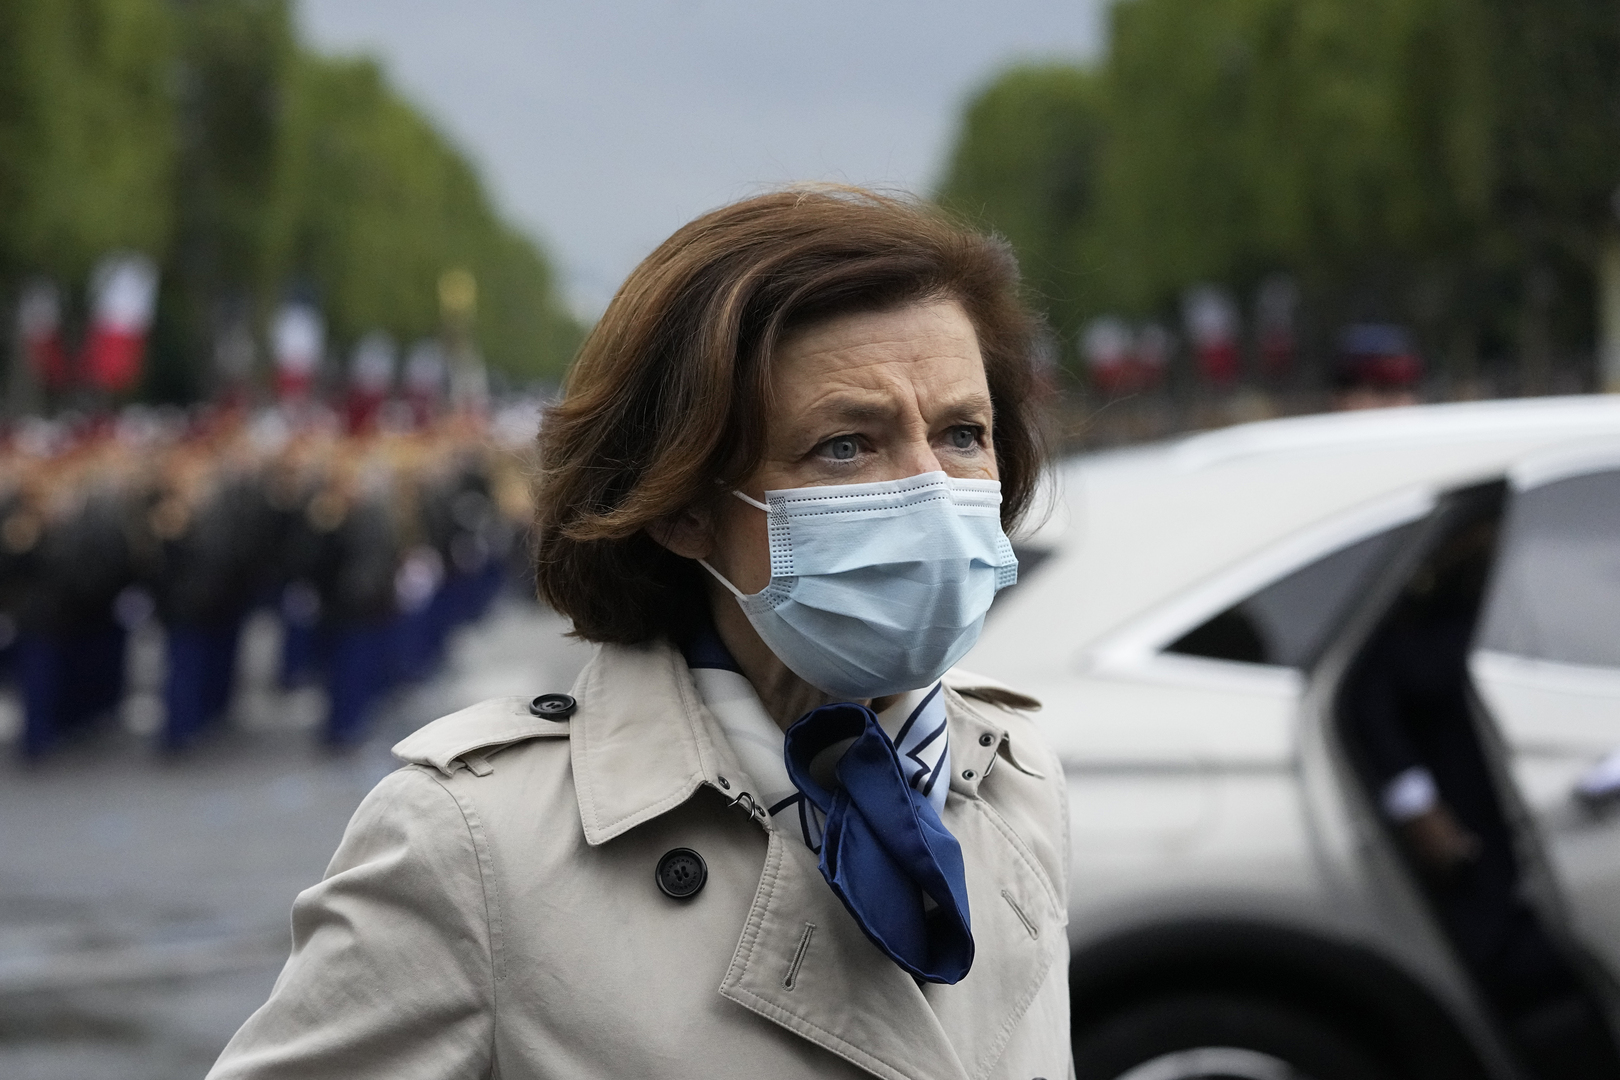 فرنسا: أزمة الغواصات تؤكد غياب الحوار داخل الناتو والحلفاء وافقوا على مراجعة مفهومه الاستراتيجي